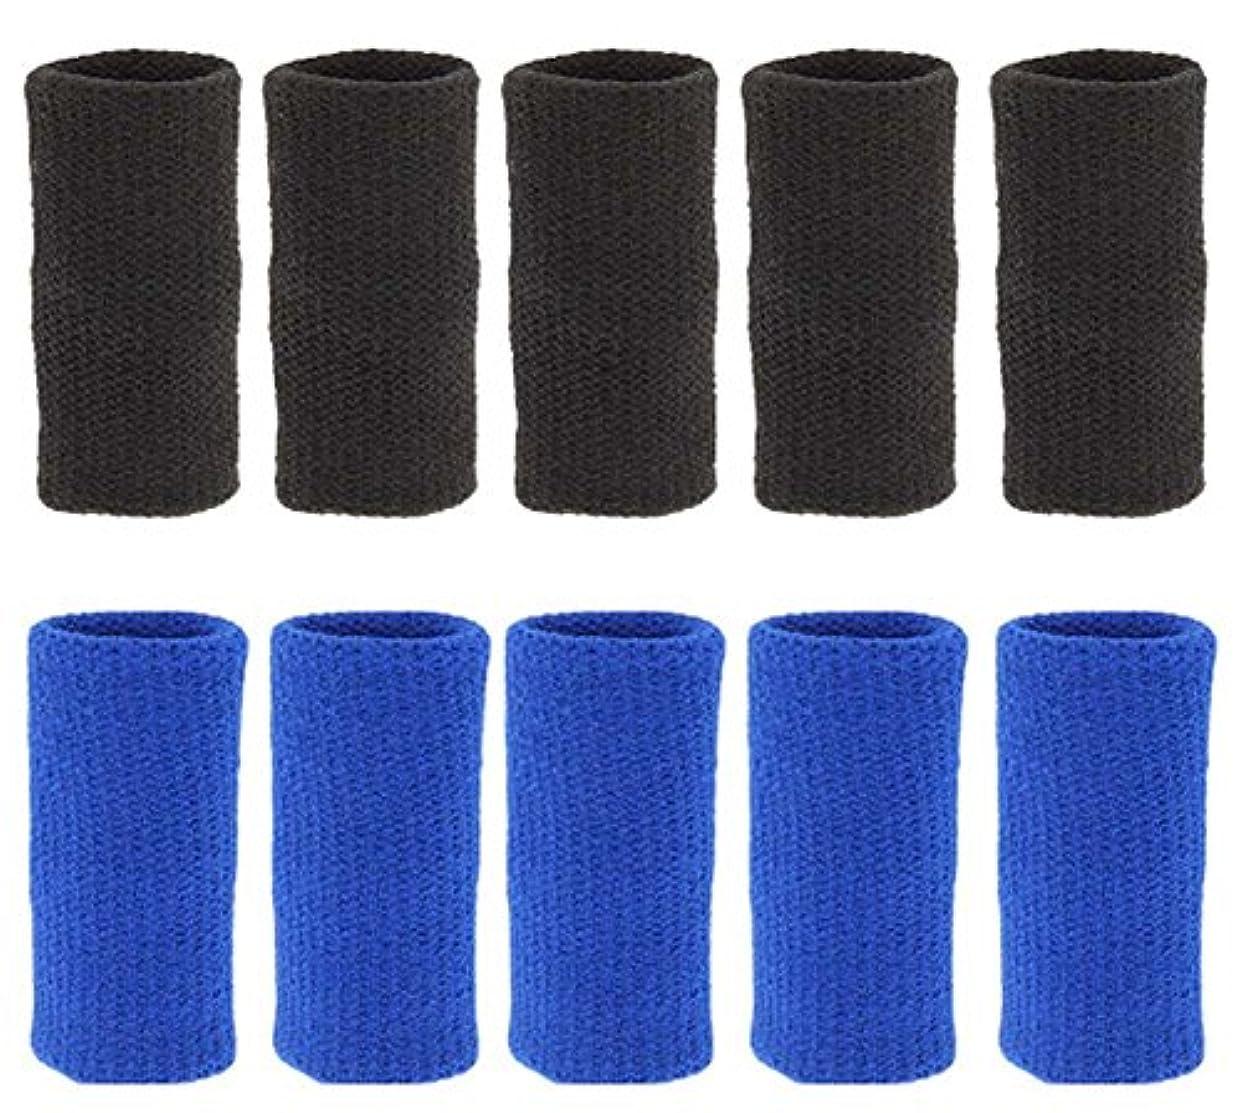 フレキシブル反発するペグ綺麗な、バスケットボールハンドセットヒンジセット/バレーボールハンドセット、ブラックブルー10セット 耐久性(2019 DSCD)